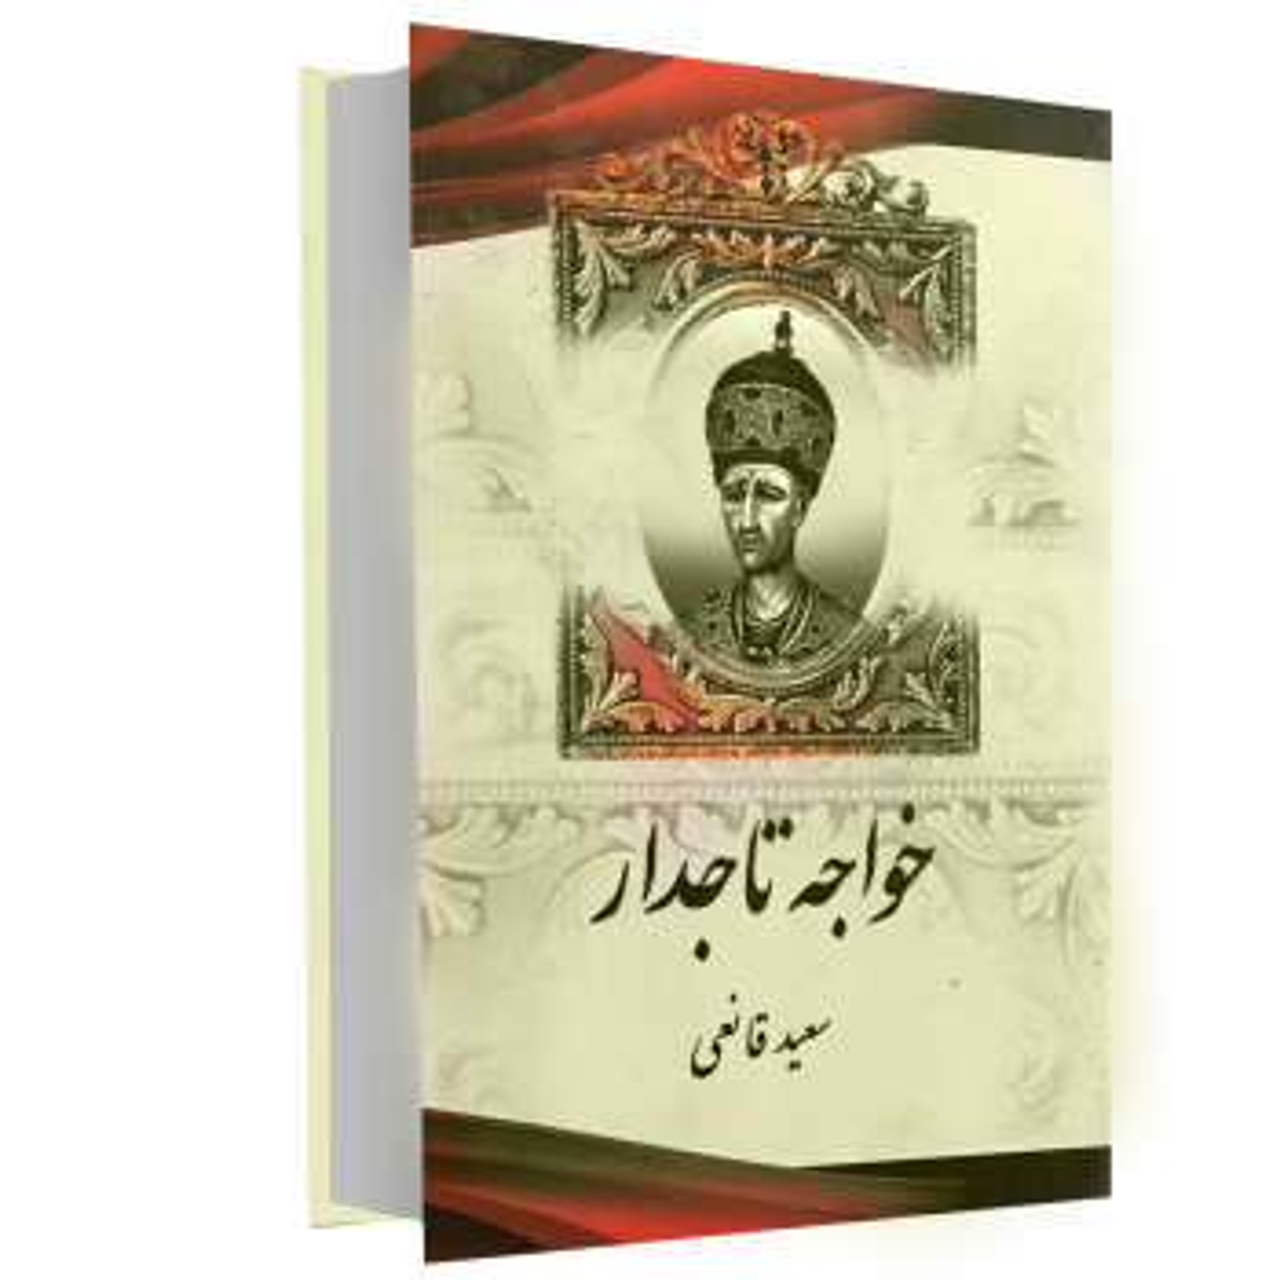 کتاب خواجه تاجدار اثر سعید قانعی انتشارات اریکه سبز